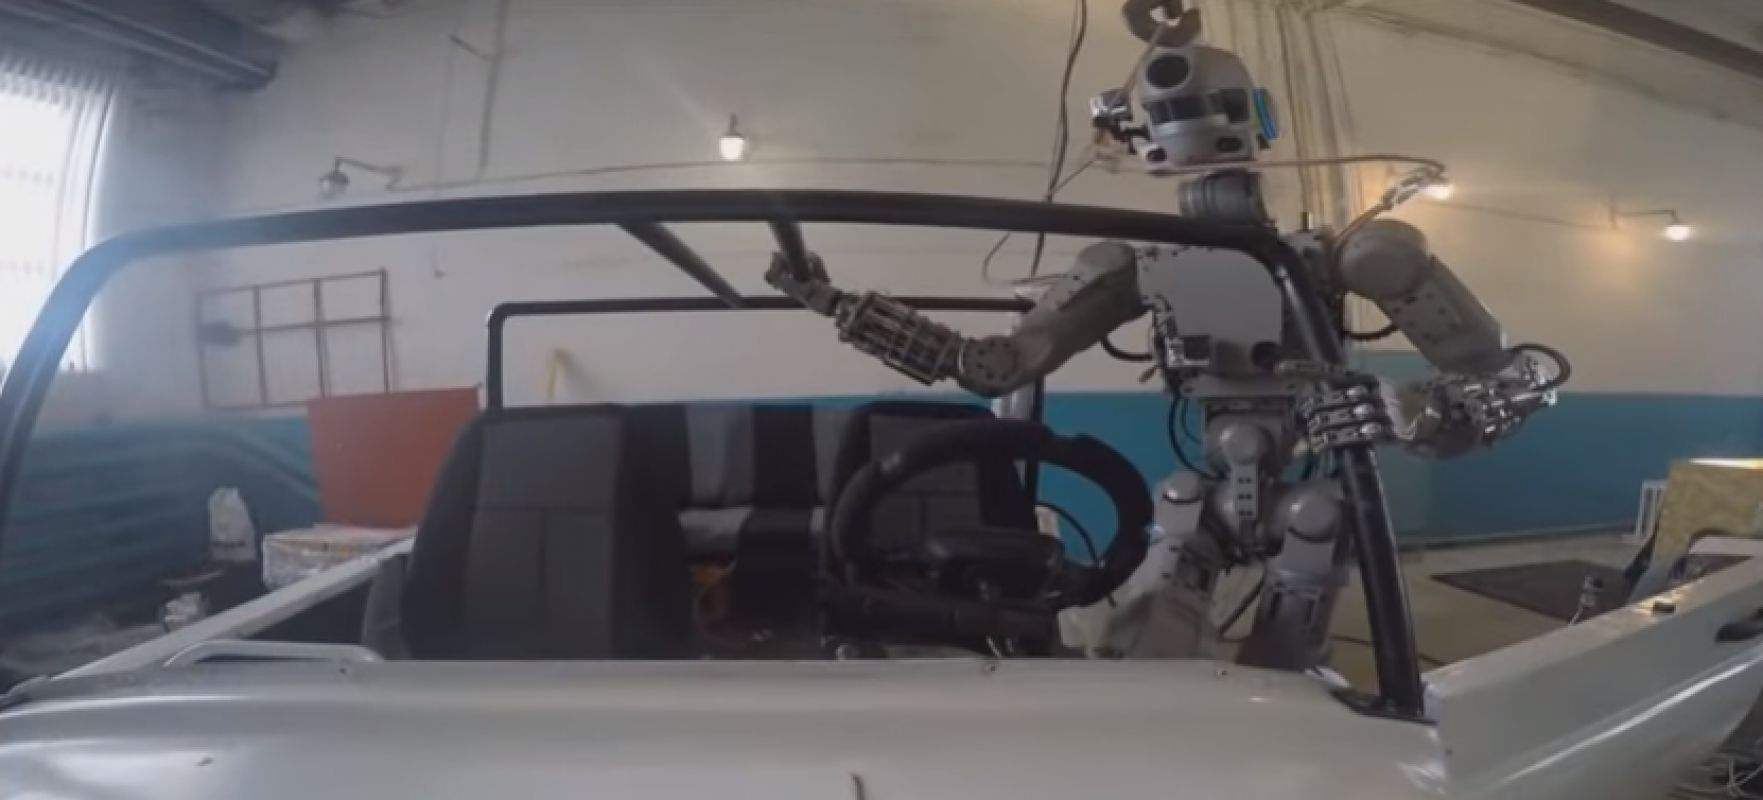 Робота FEDOR перед отправкой на МКС научили разговаривать